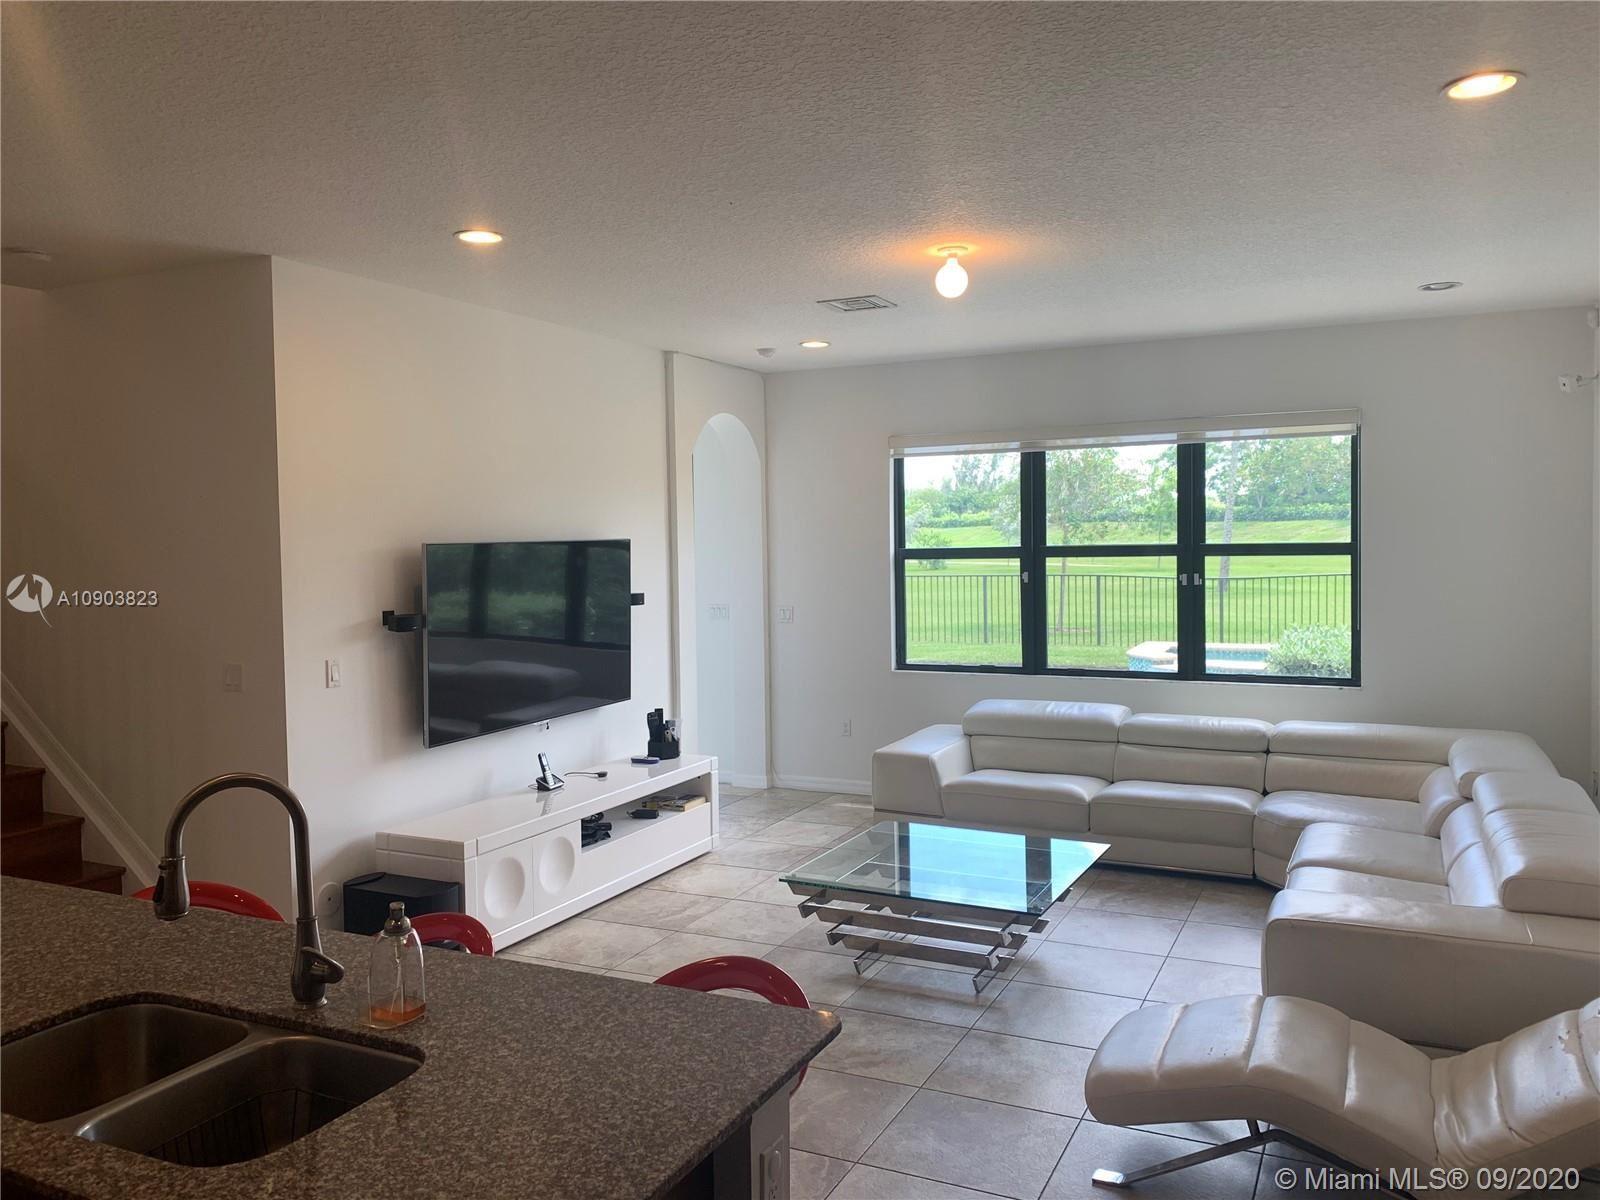 772 NE 191st St, Miami, FL 33179 - #: A10903823